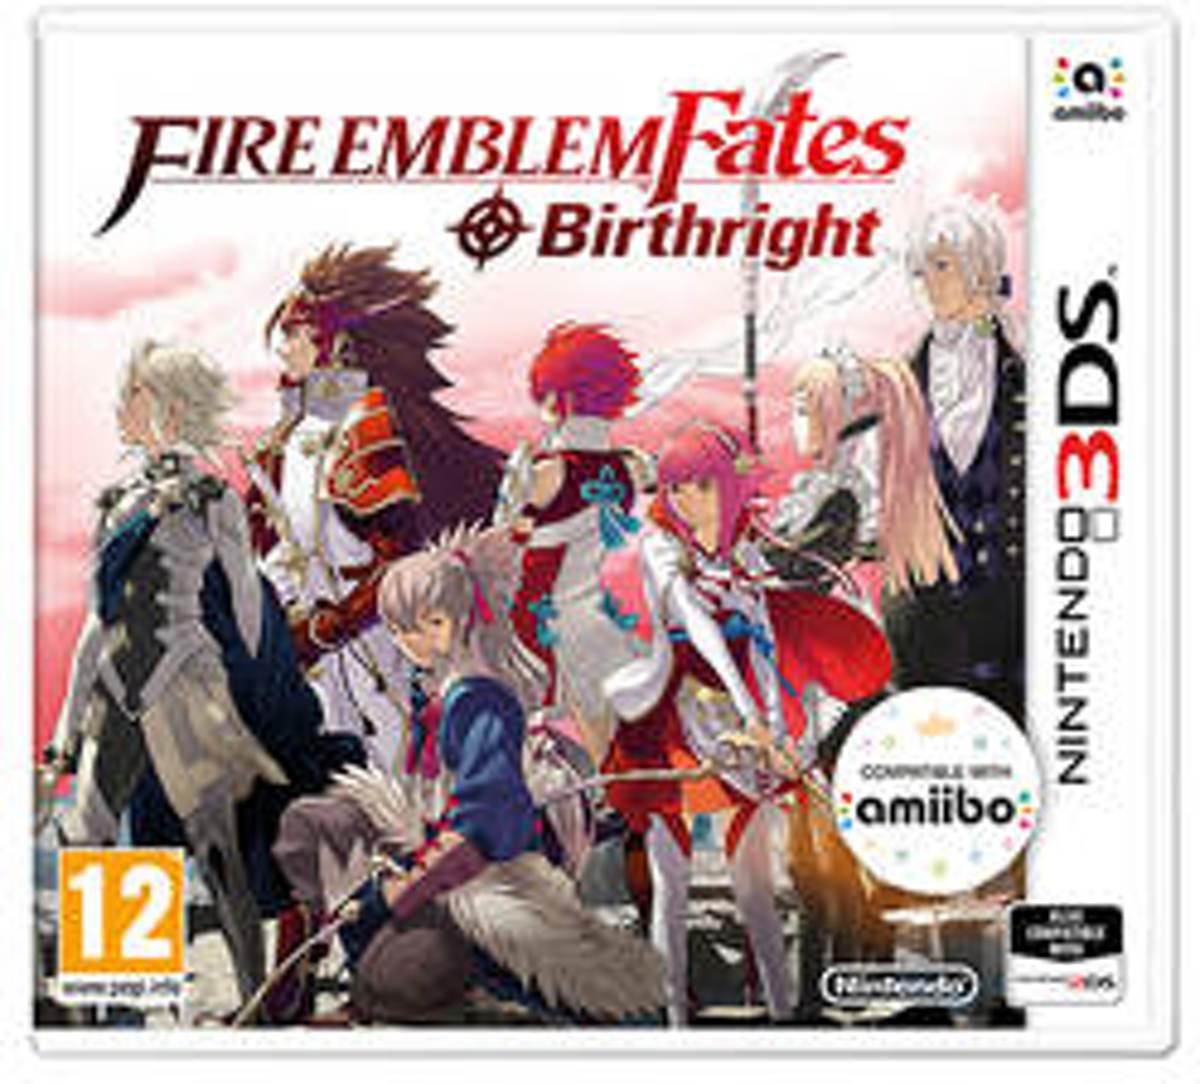 Fire Emblem Fates: Birthright -3DS kopen